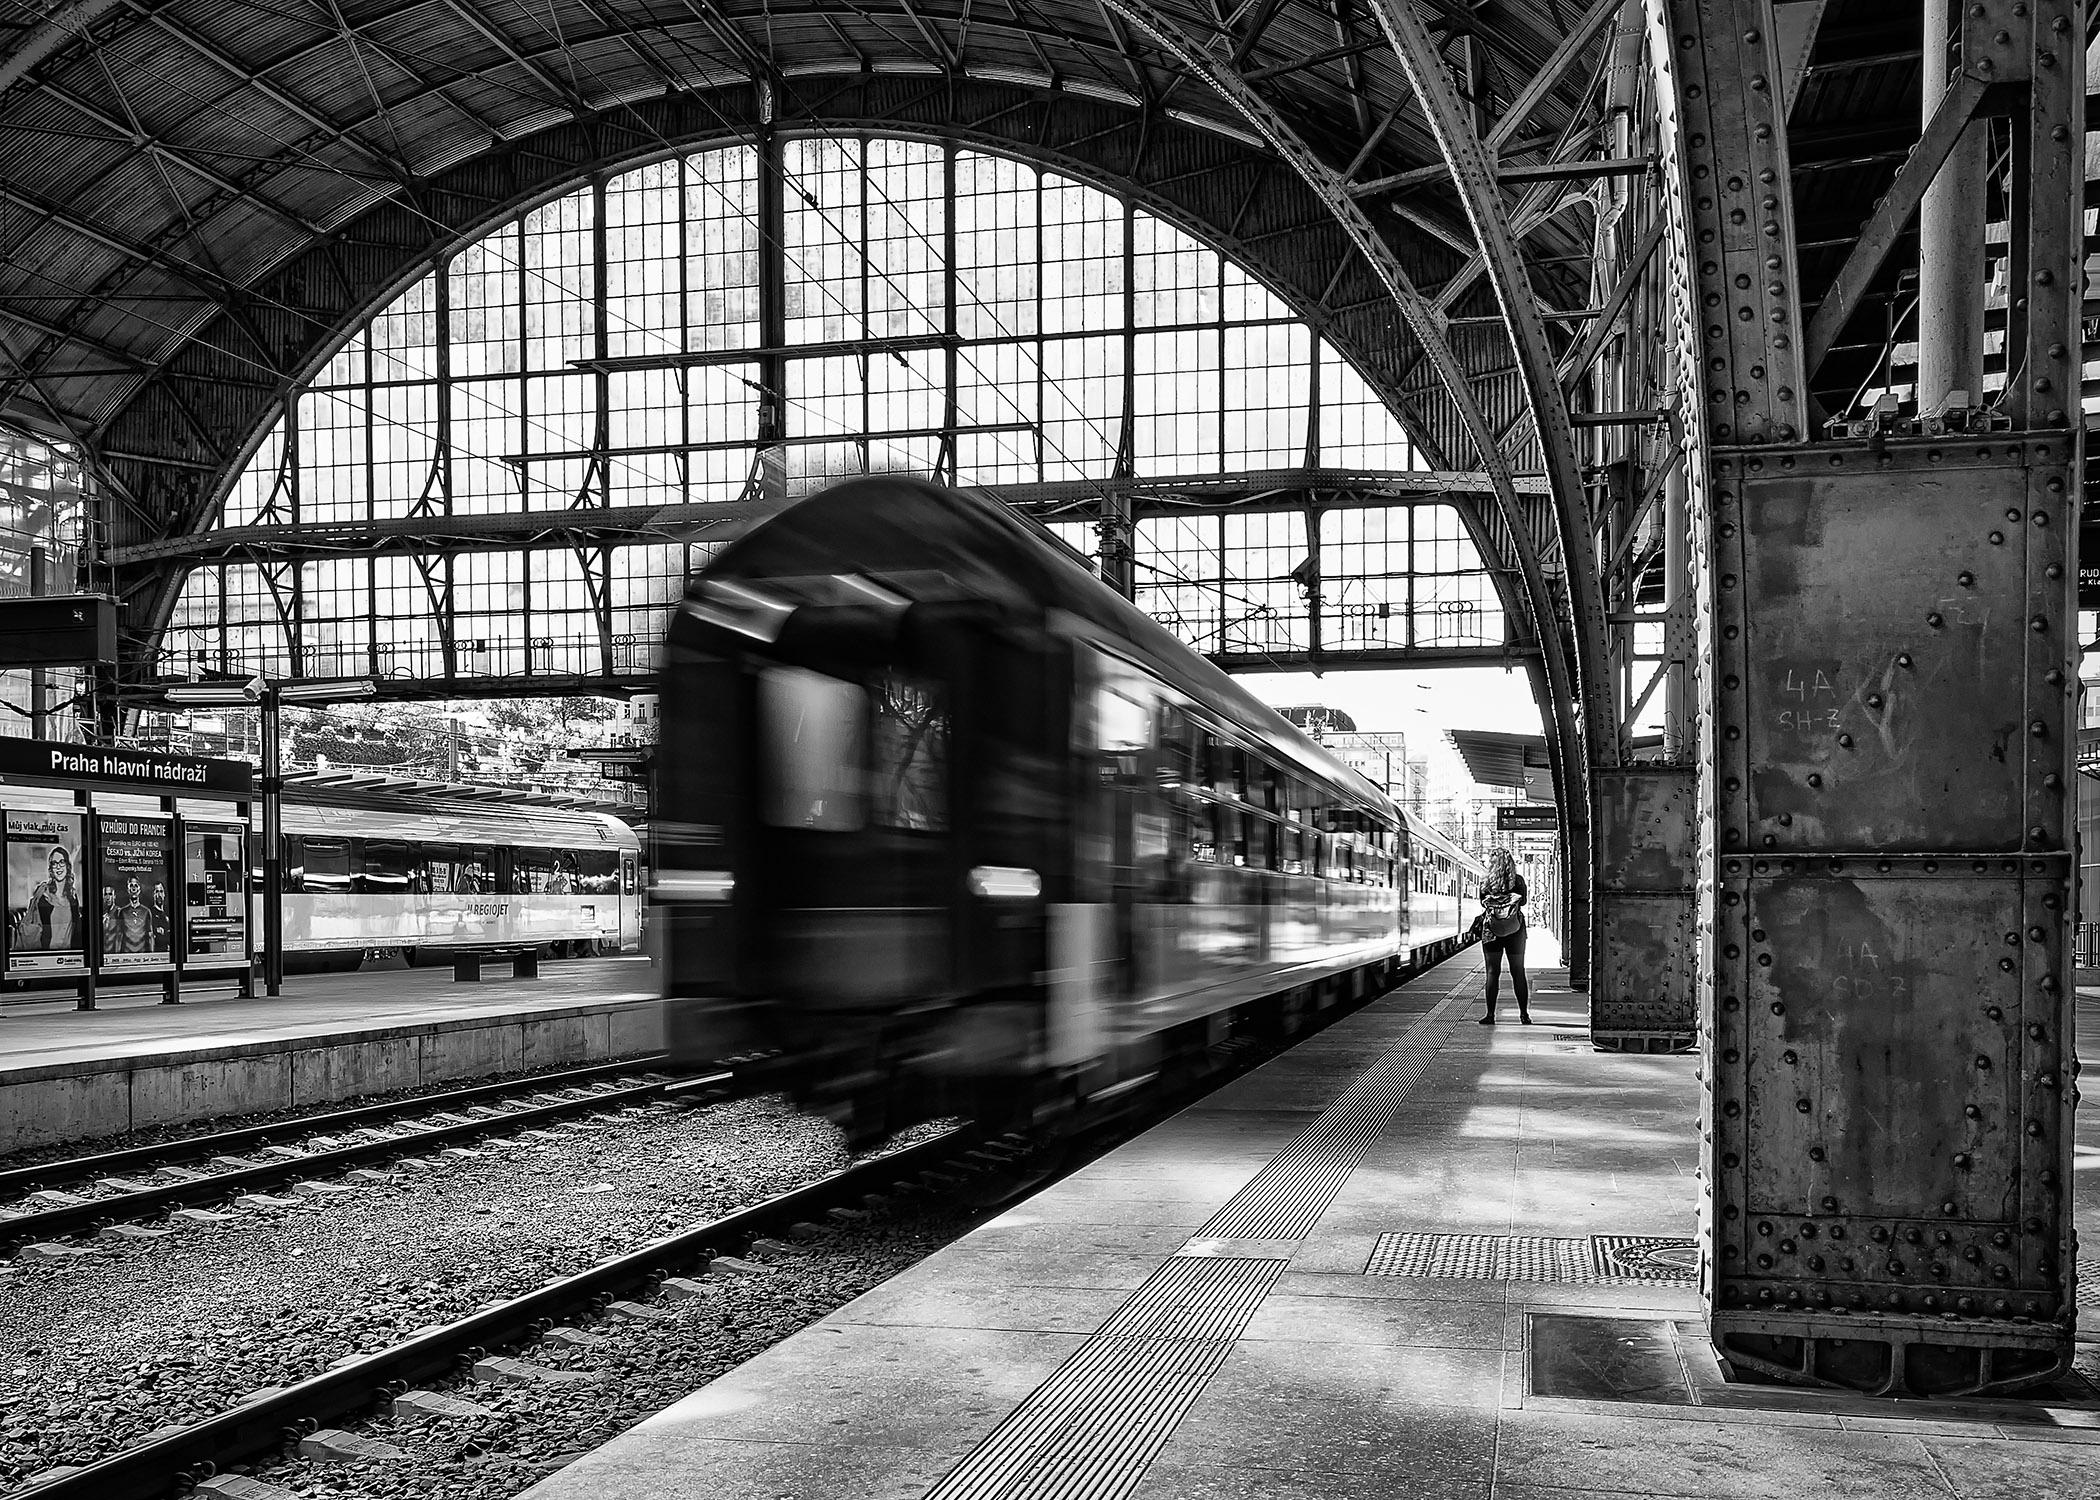 Černobílá dokumentární fotografie nástupiště hlavního nádraží v Praze od Jan Stojan Photography ©